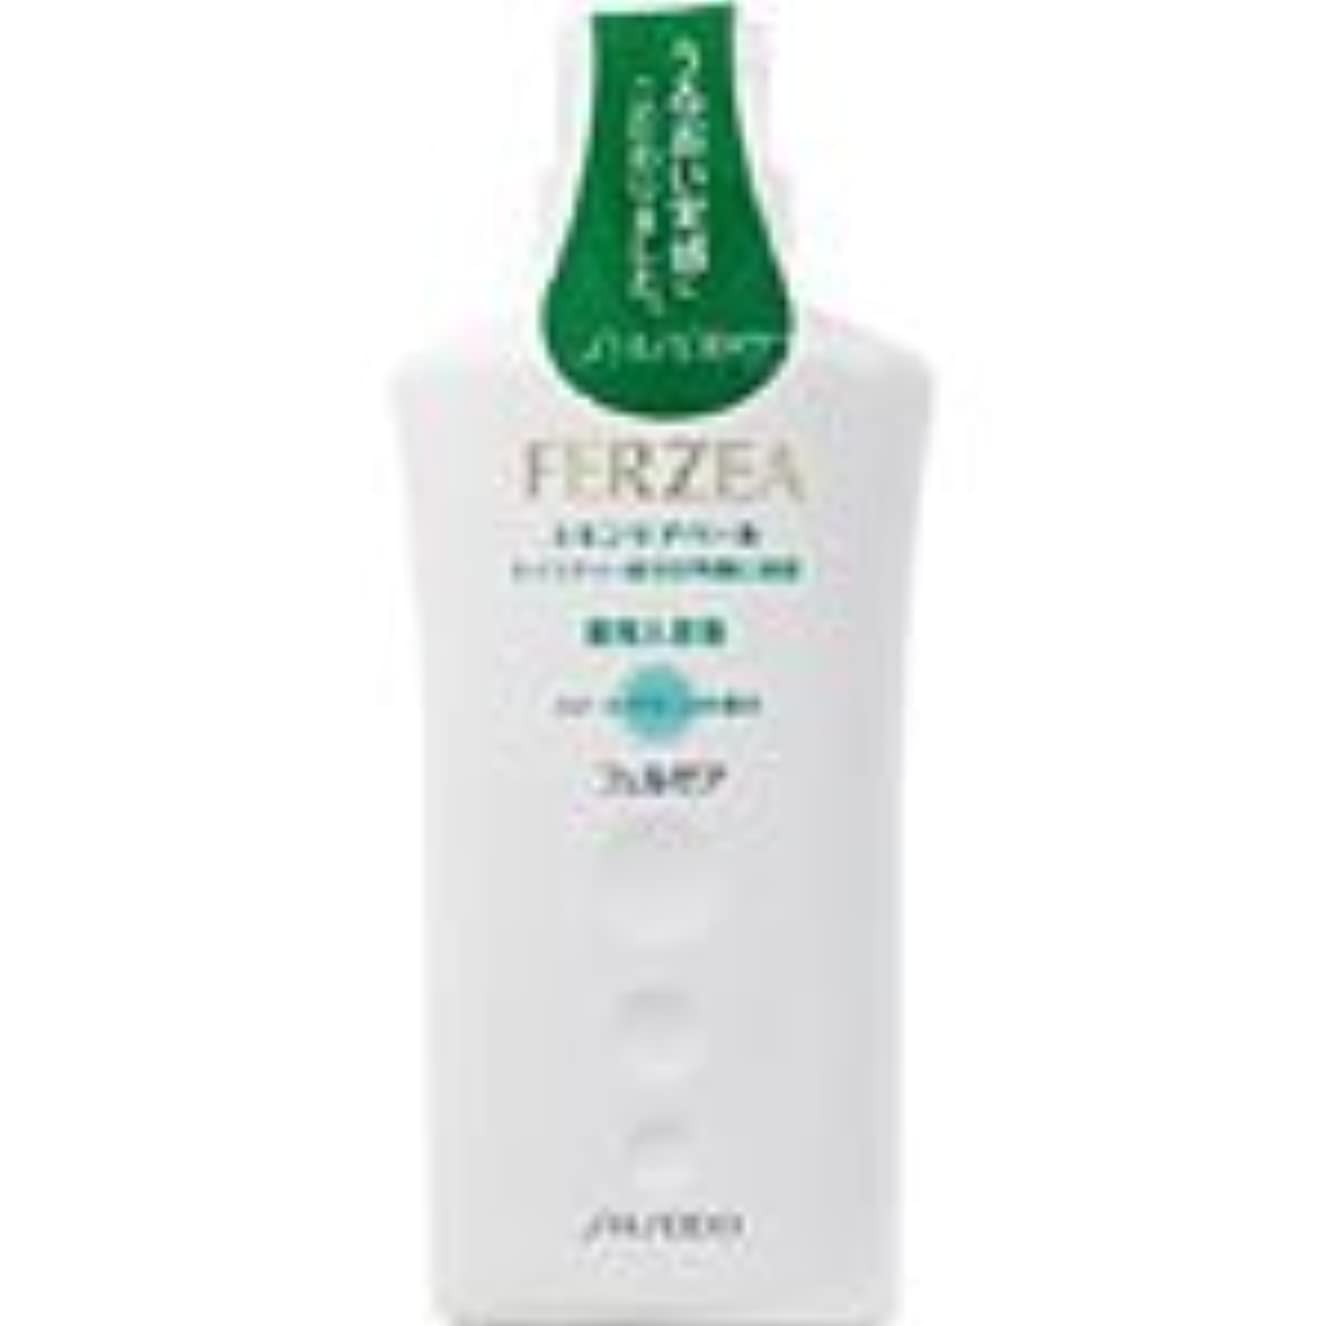 屋内ご注意試みフェルゼア薬用スキンケア入浴液G 600ml